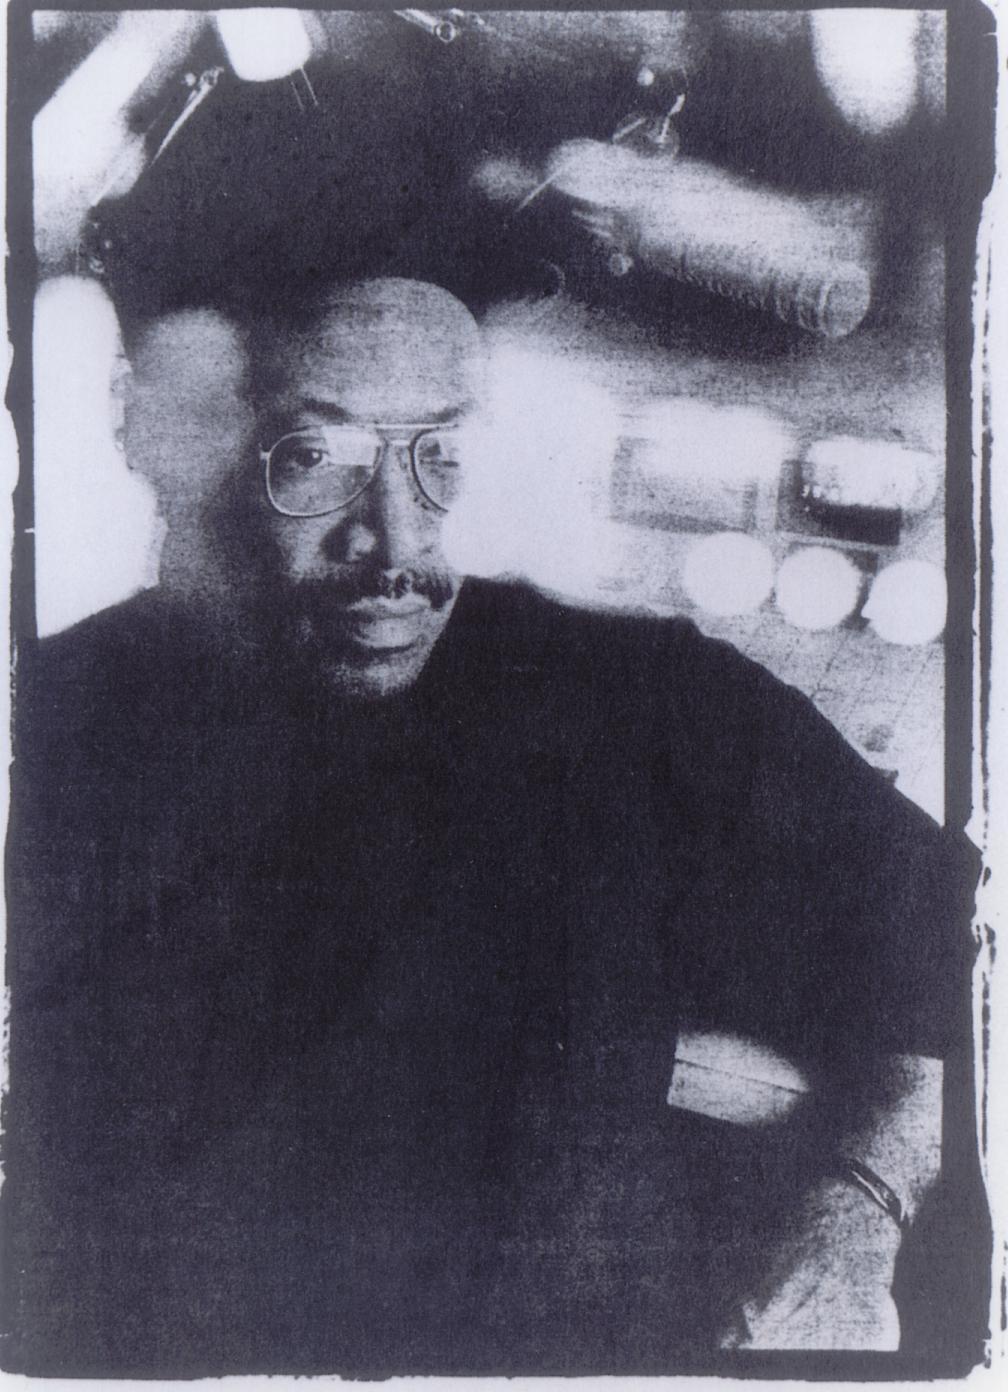 Lloyd Daniel - Photo  in studio taken from THE PITCH